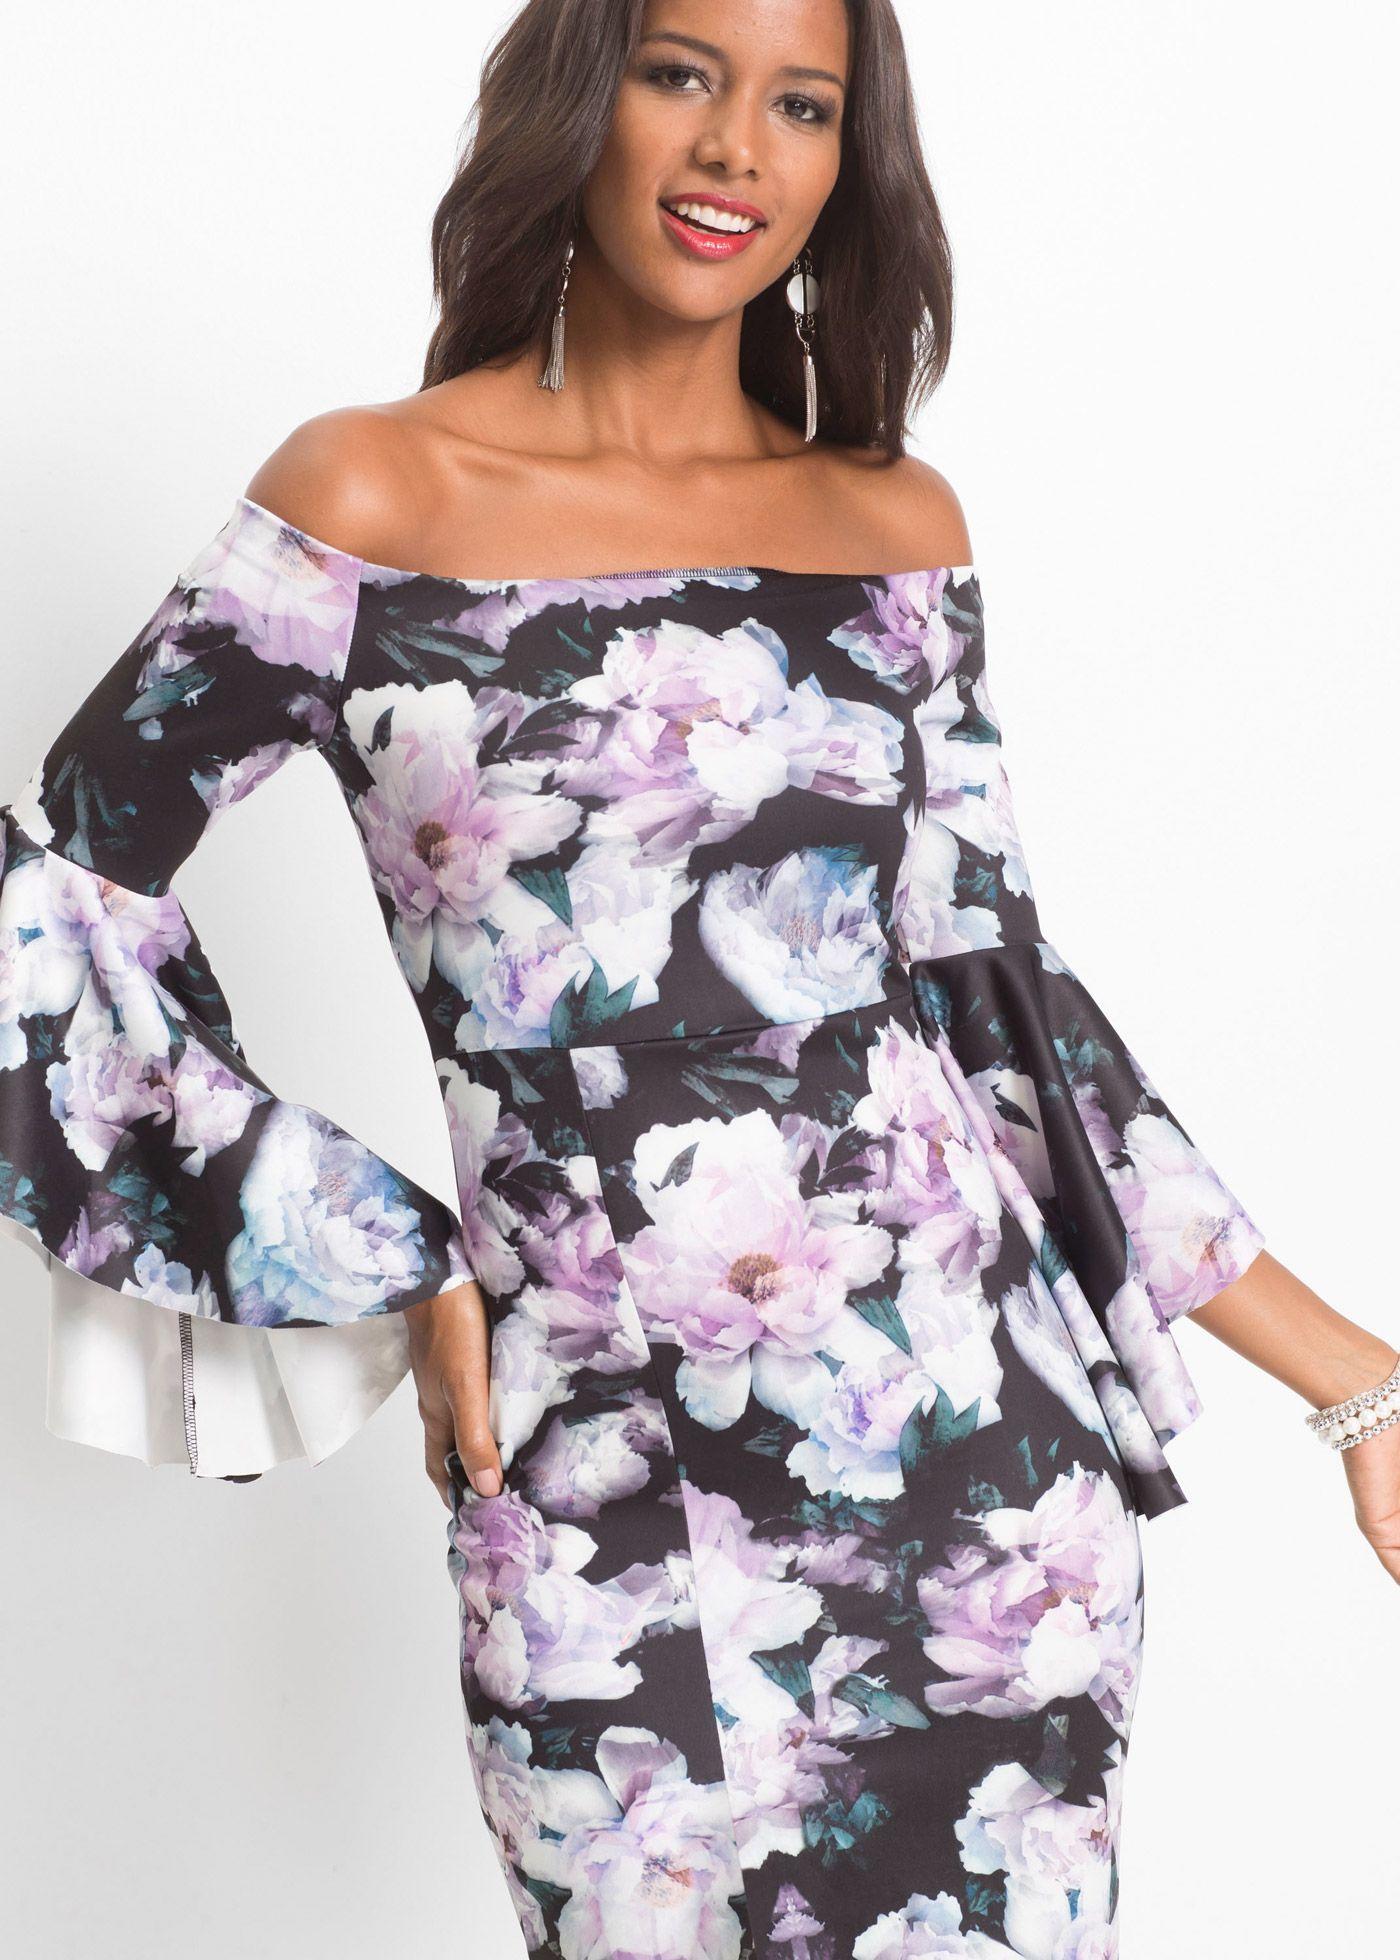 Kleid mit floralem Print | Kleider, Outfit, Schöne outfits